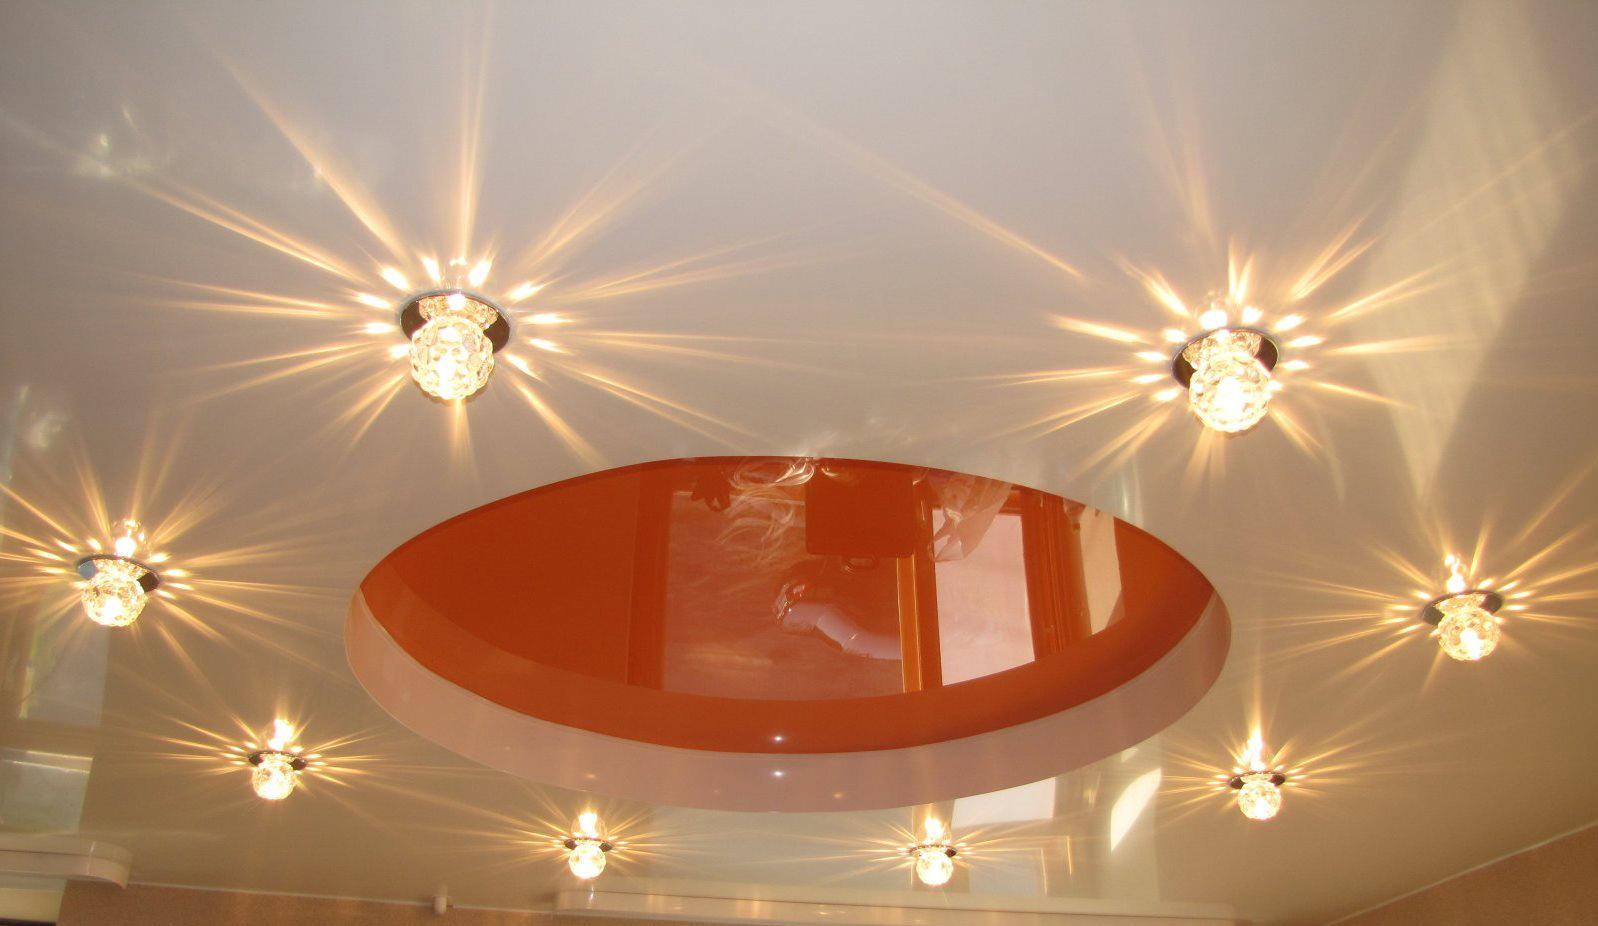 потолок натяжной с светильниками фото пенсионерки смоленской